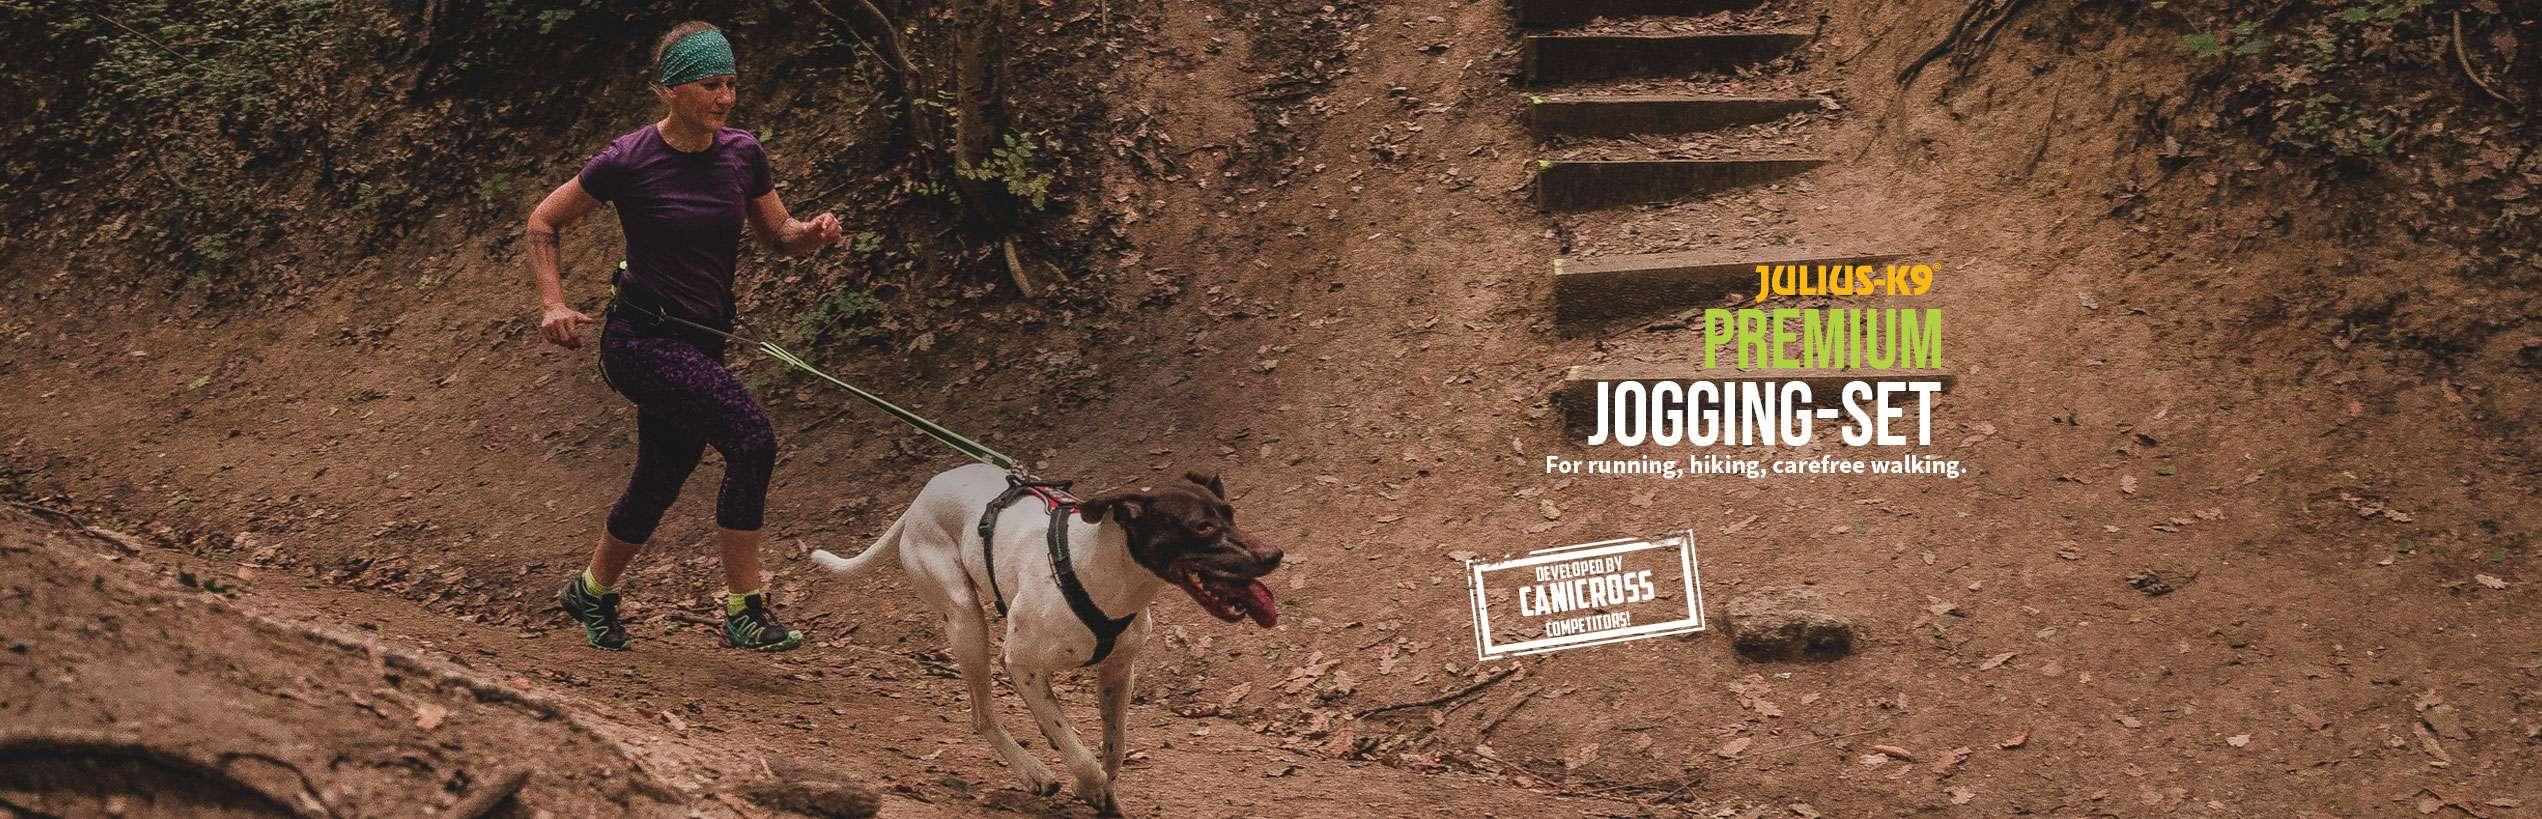 Julius K9's Premium Jogging Set in action